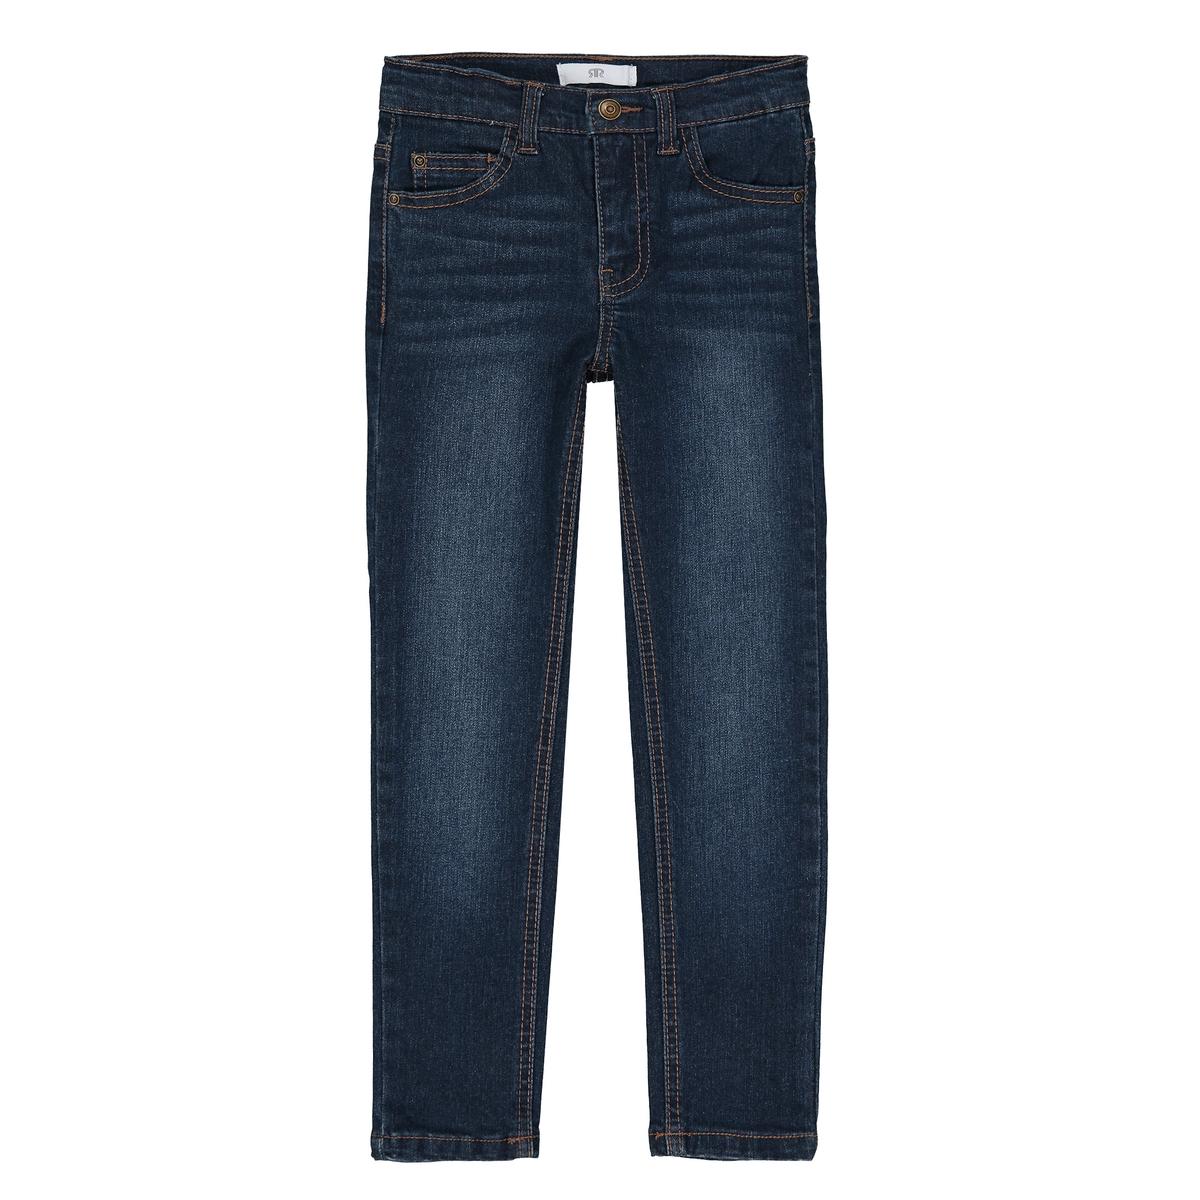 Джинсы узкие, 3-12 лет джинсы бойфренд 3 14 лет